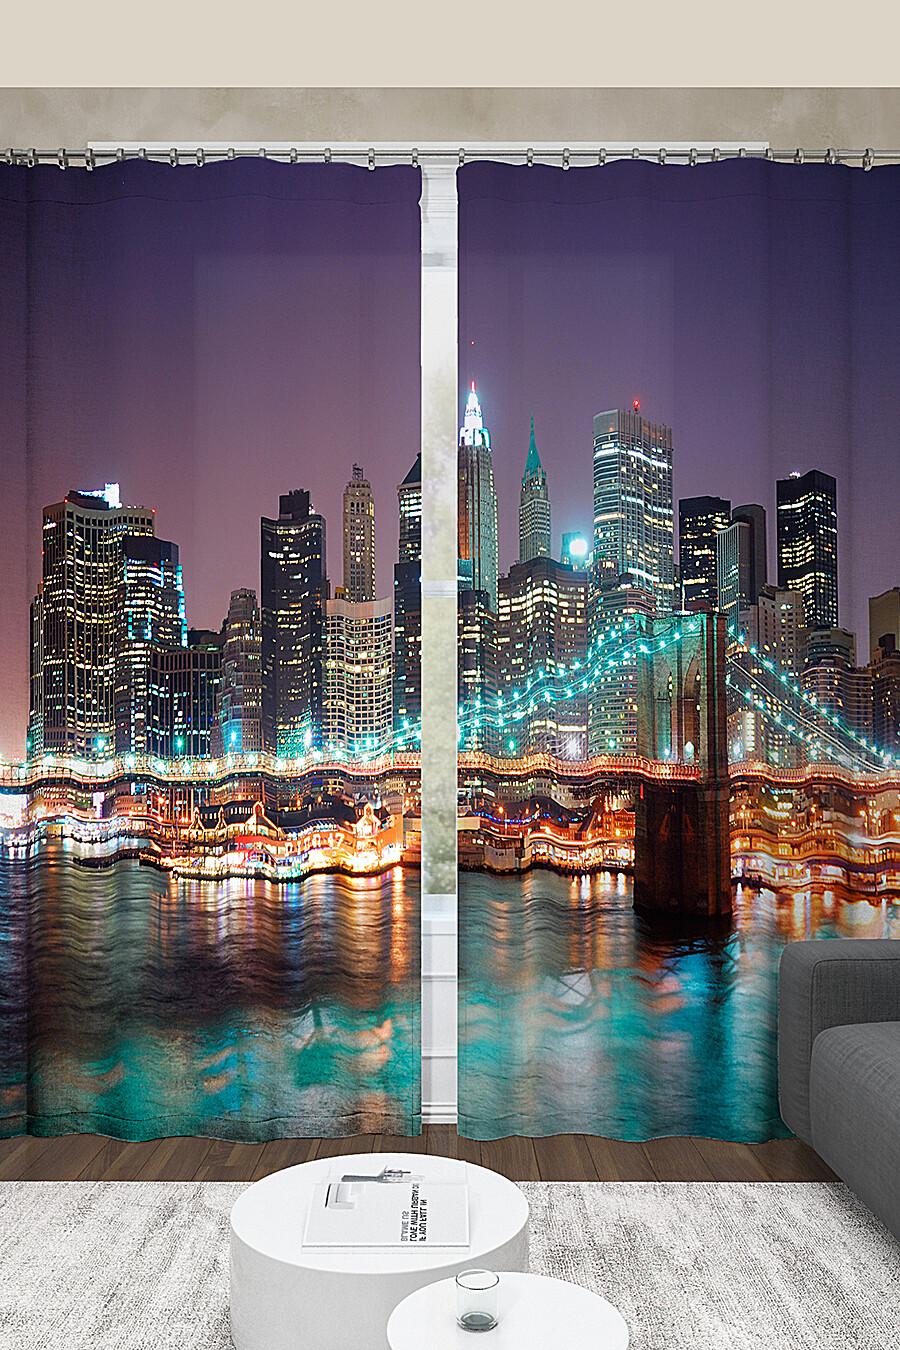 Фотошторы для дома ART HOME TEXTILE 124189 купить оптом от производителя. Совместная покупка товаров для дома в OptMoyo